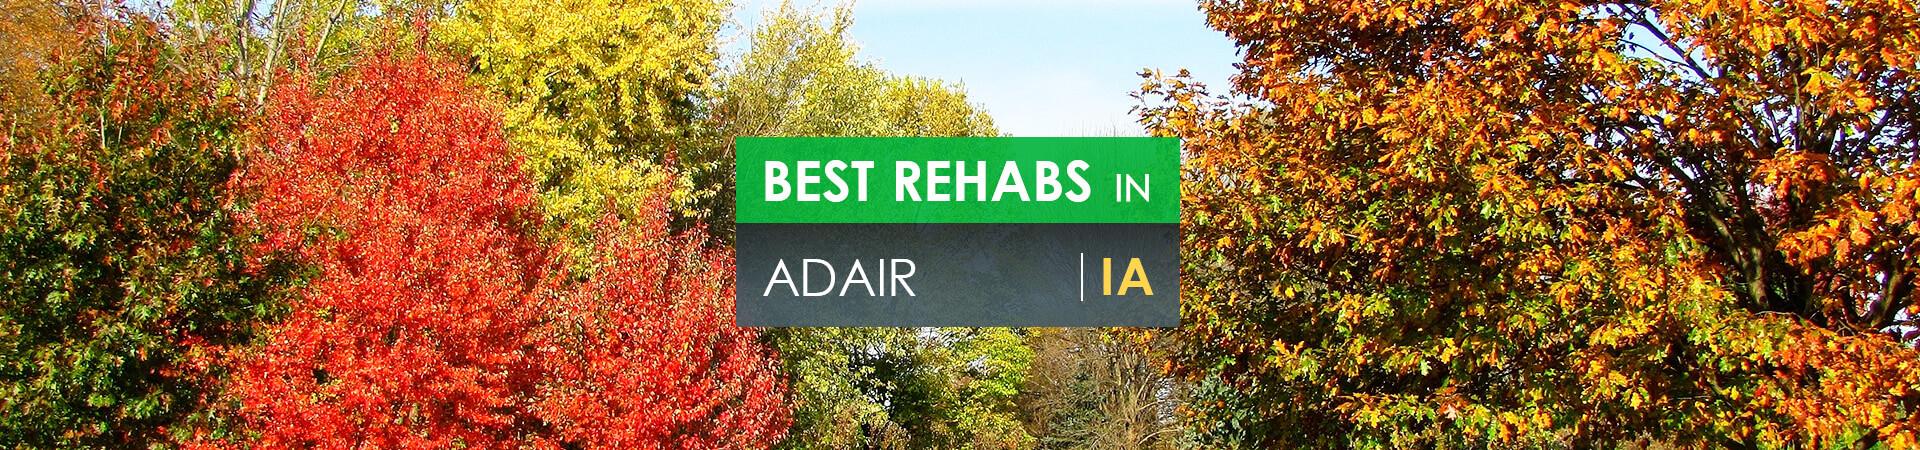 Best rehabs in Adair, IA